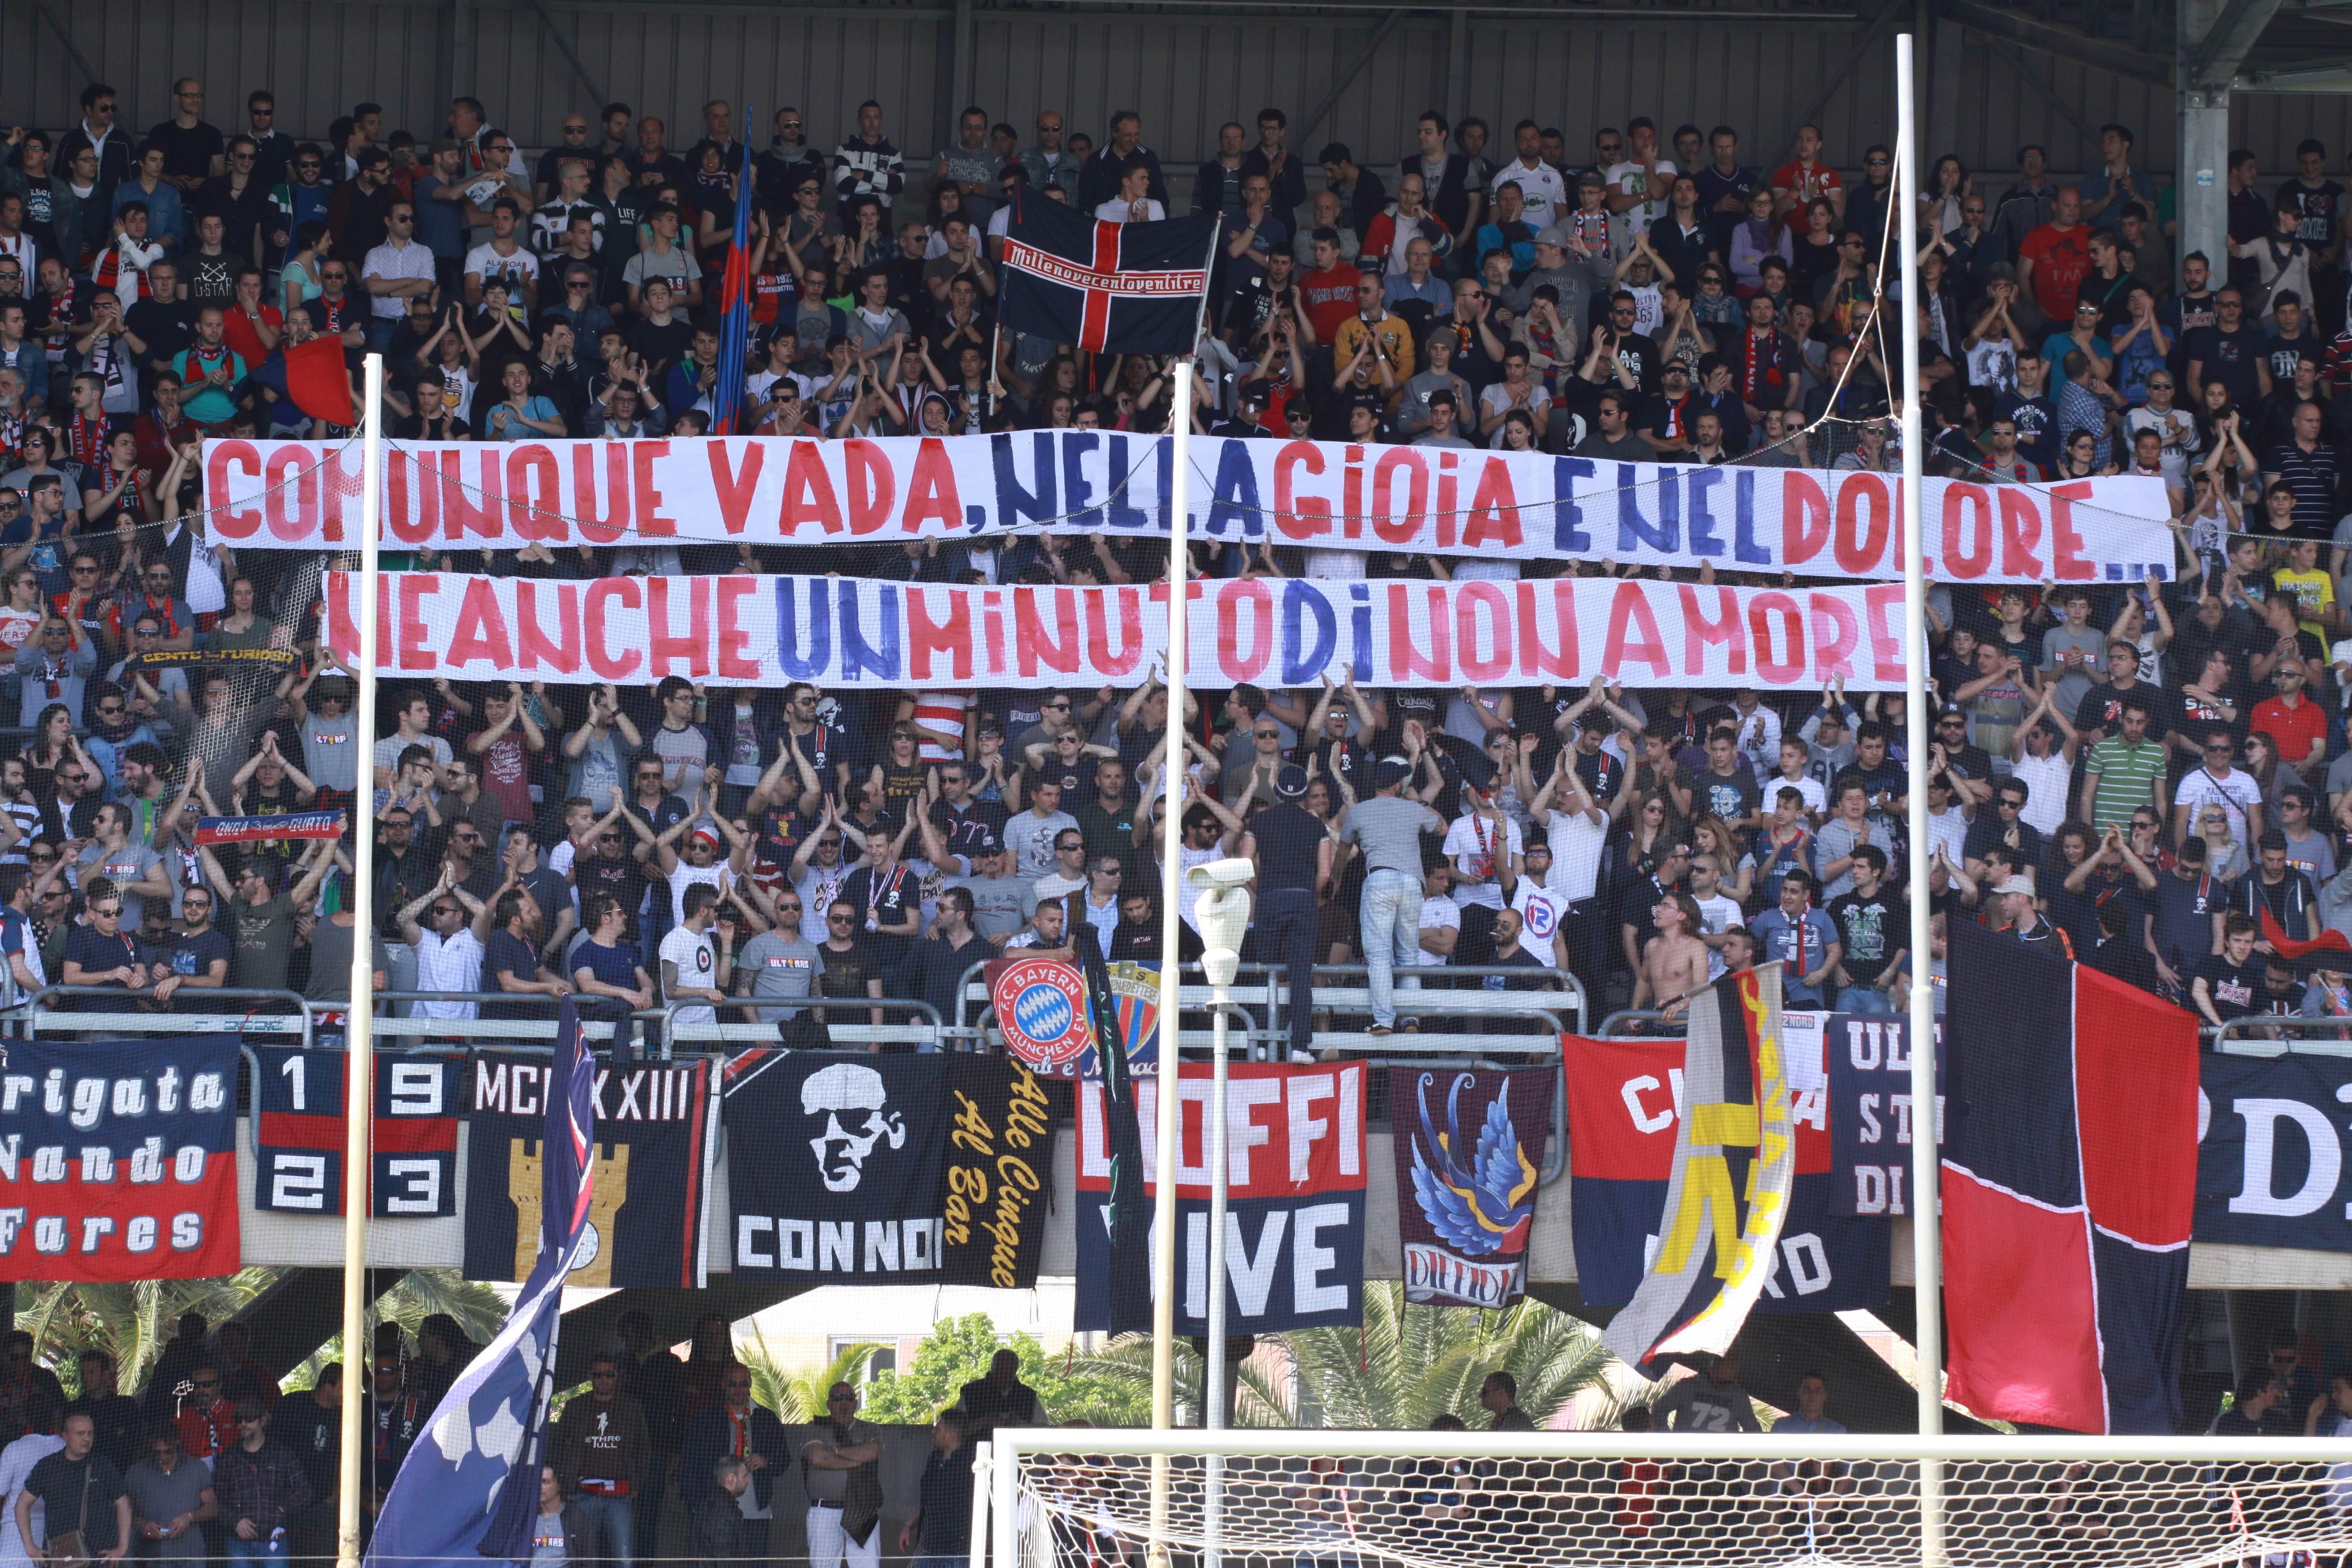 Il pubblico di Samb-Isernia (foto Bianchini)